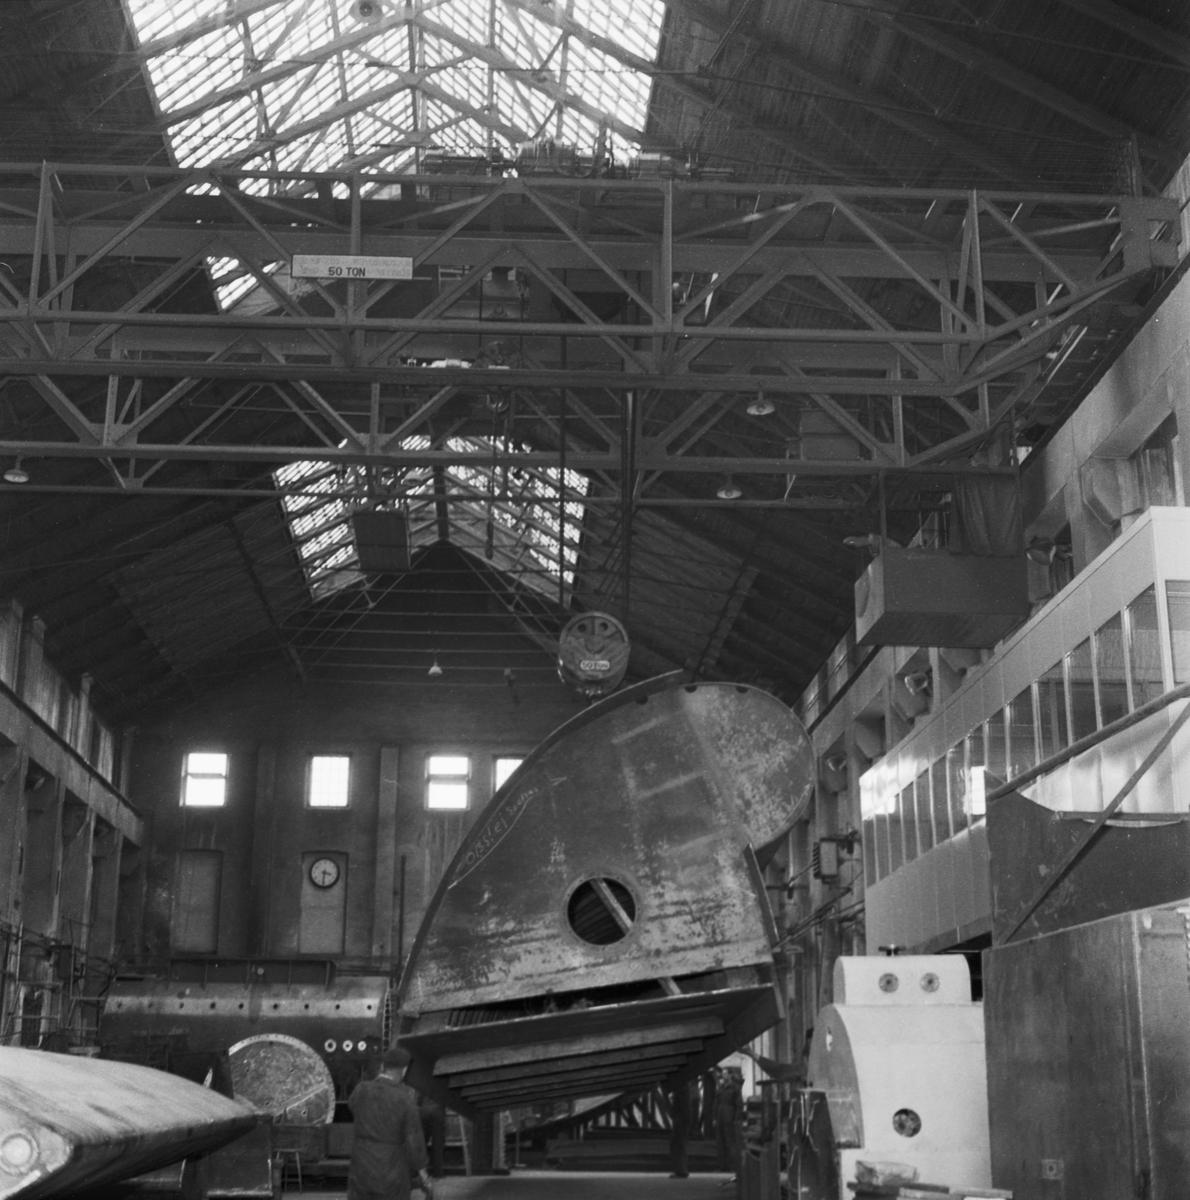 Övrigt: Foto datum: 11/7 1958 Byggnader och kranar Dammlucka transport